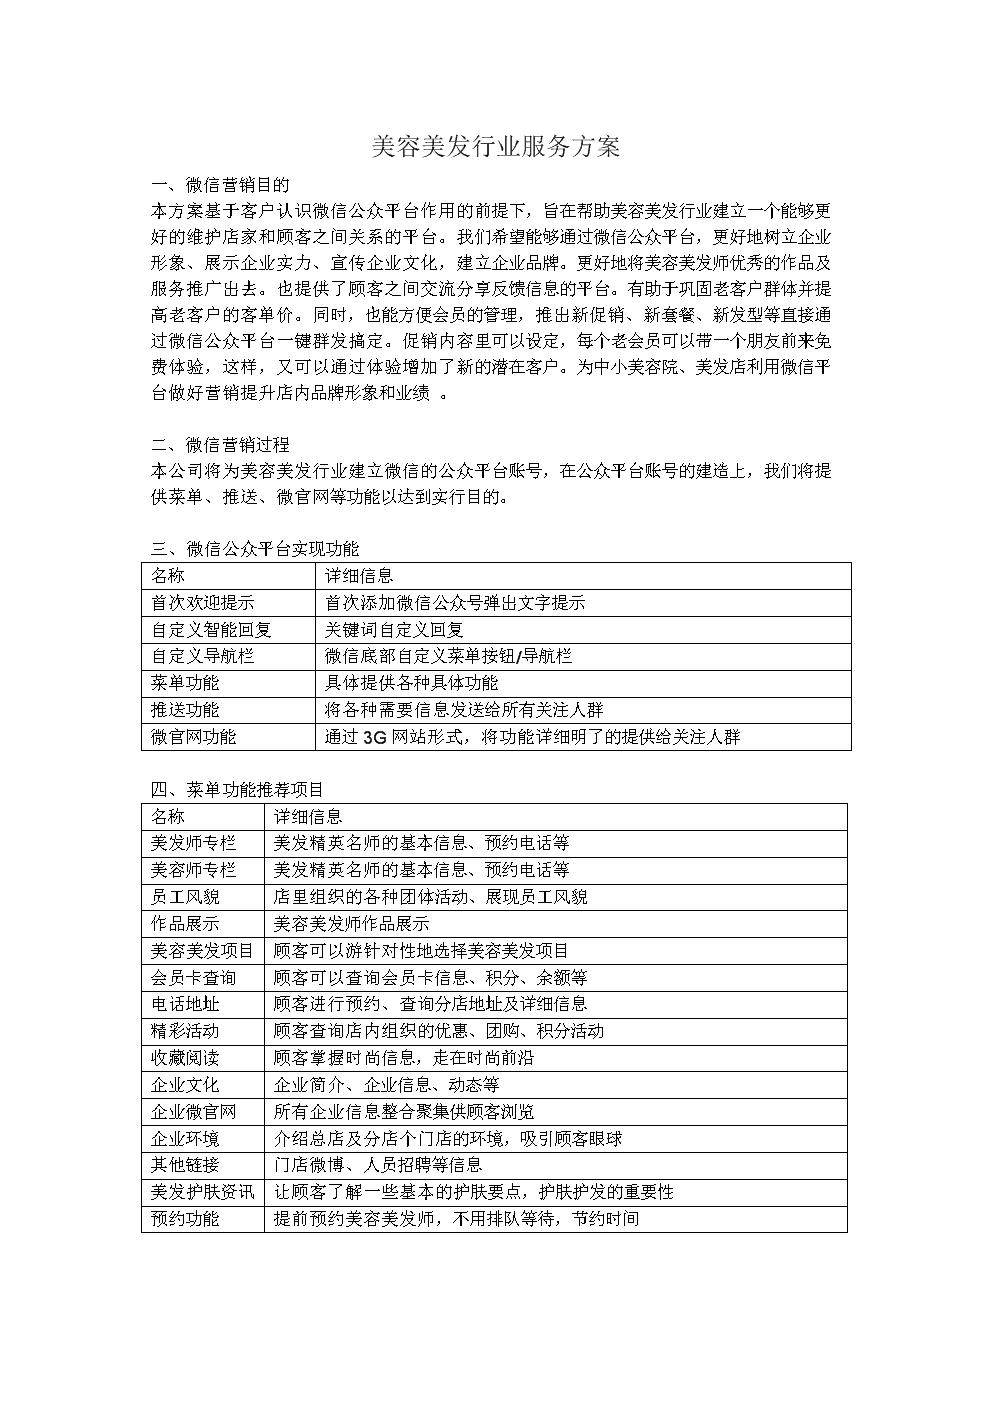 美容美发行业服务方案.doc